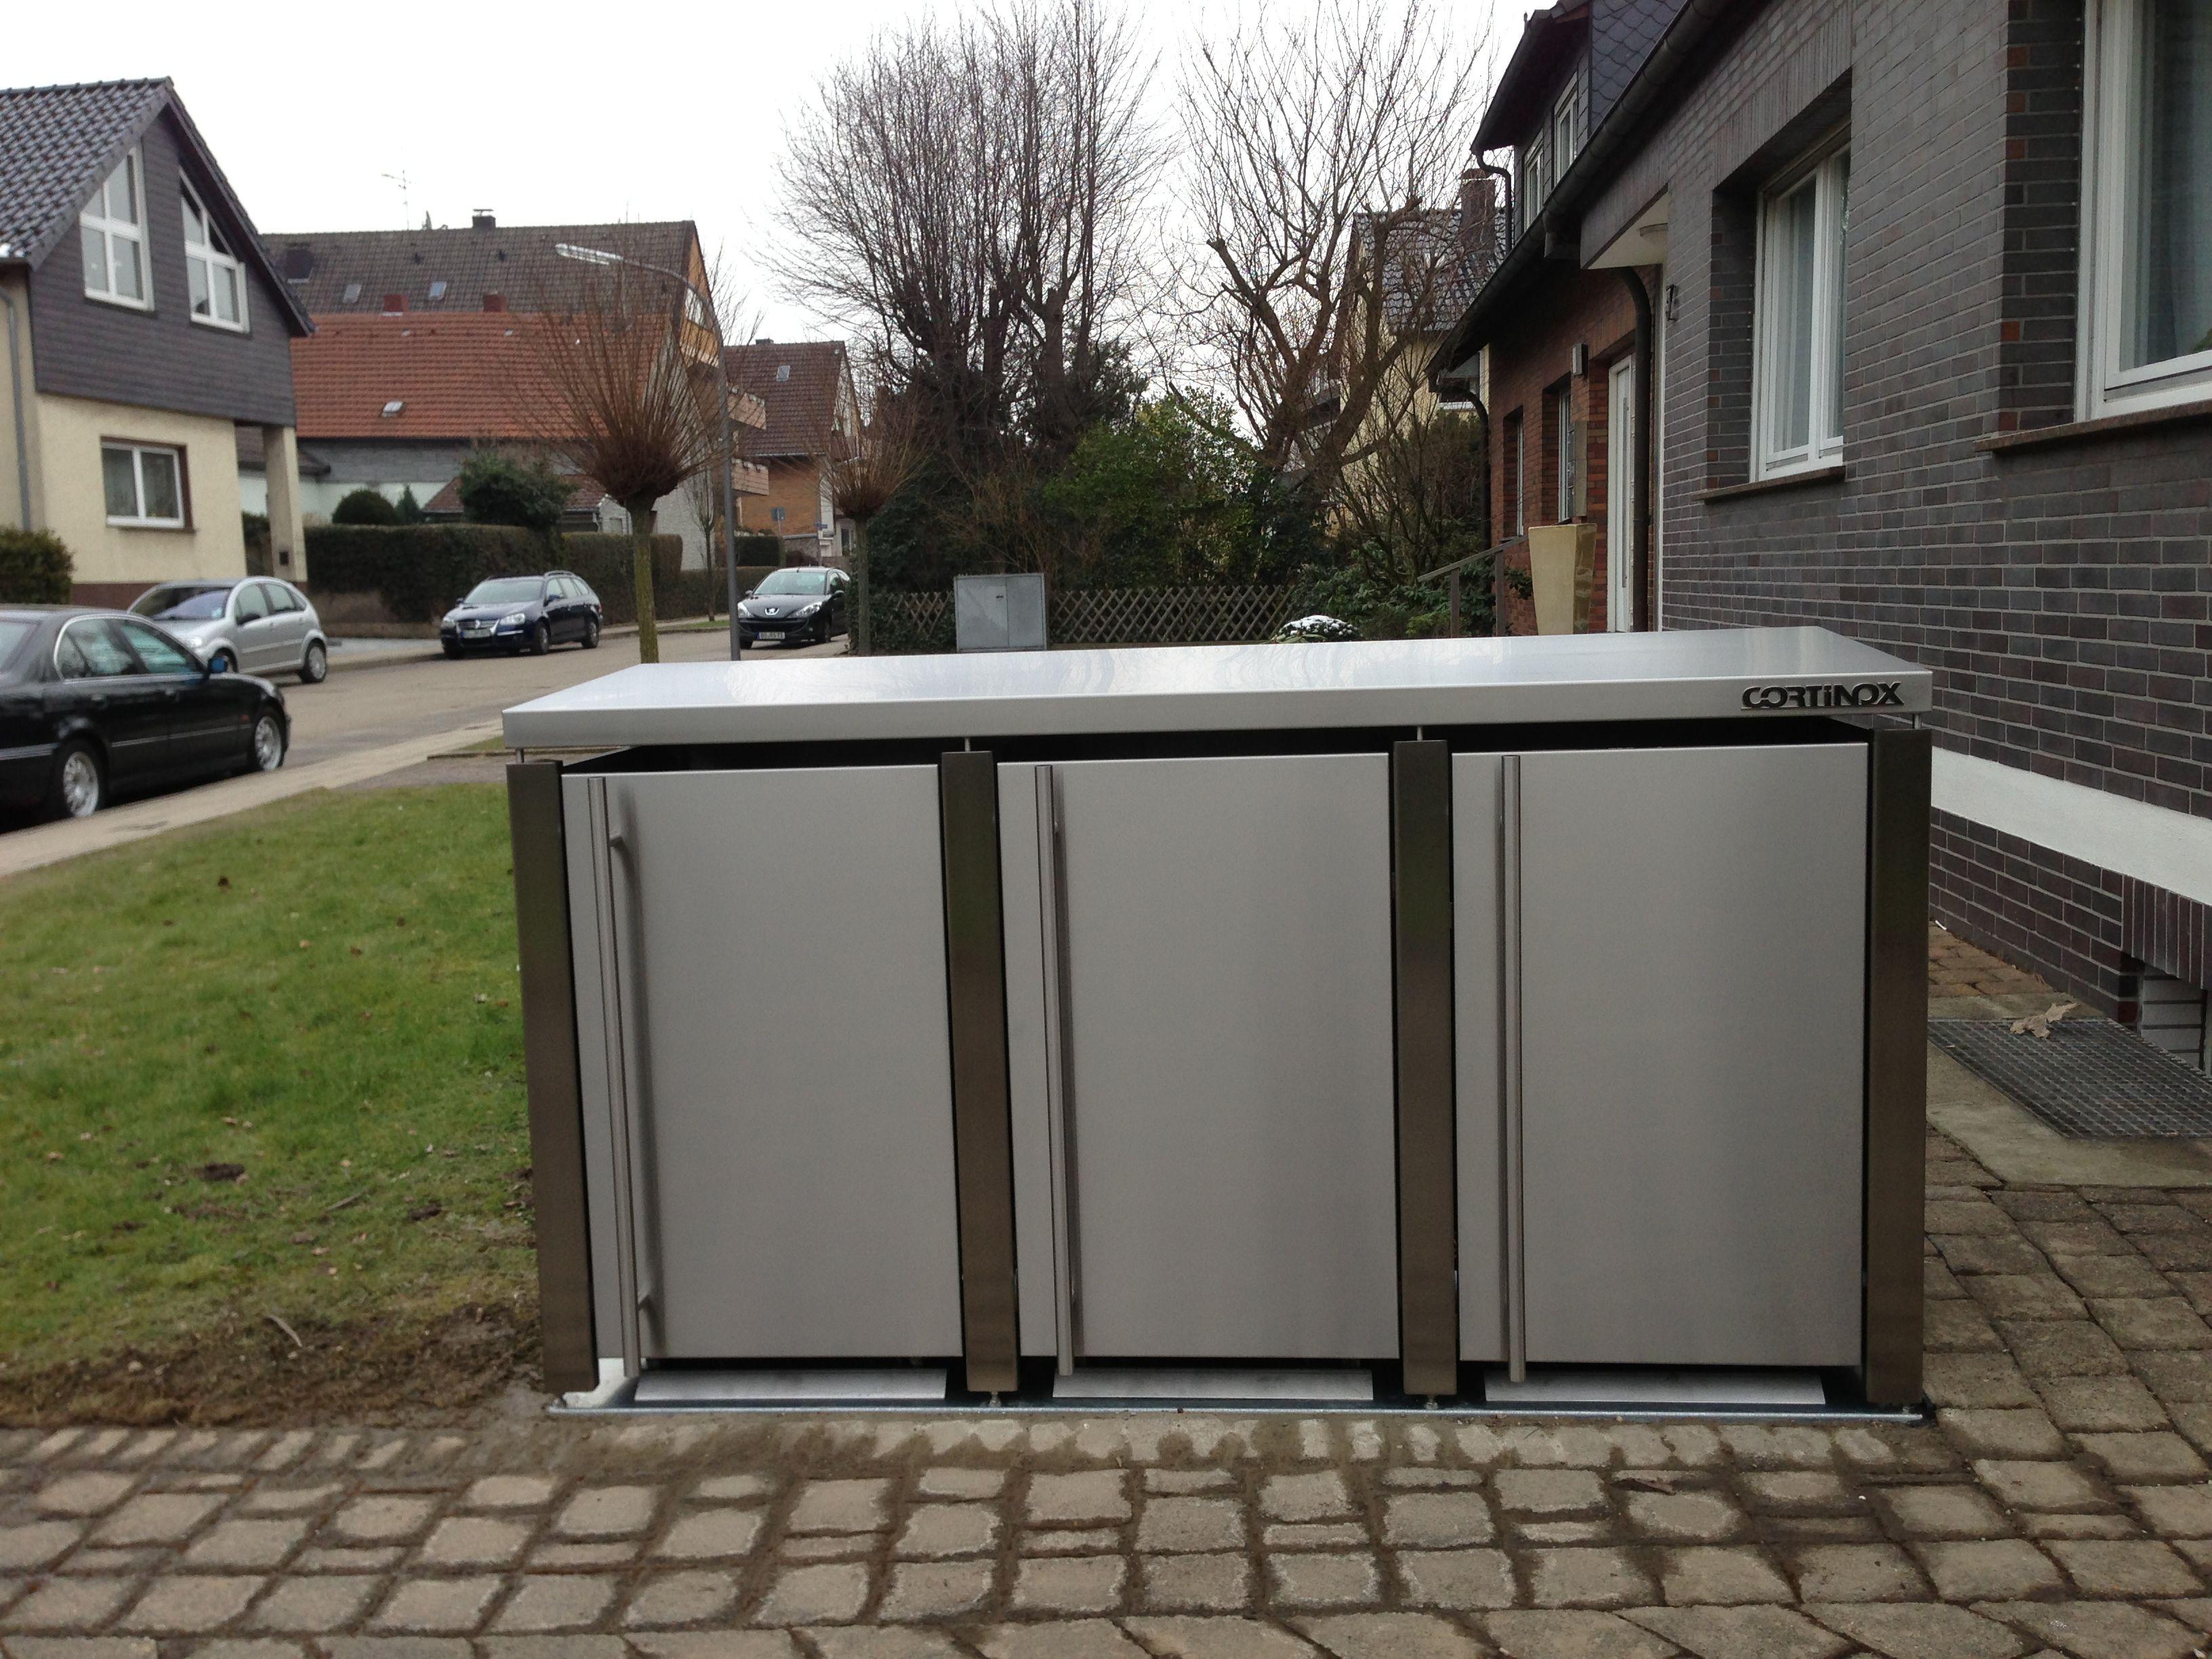 Mülltonnenbox mit türhohen Edelstahl-Griffstangen und Magnetverschluß